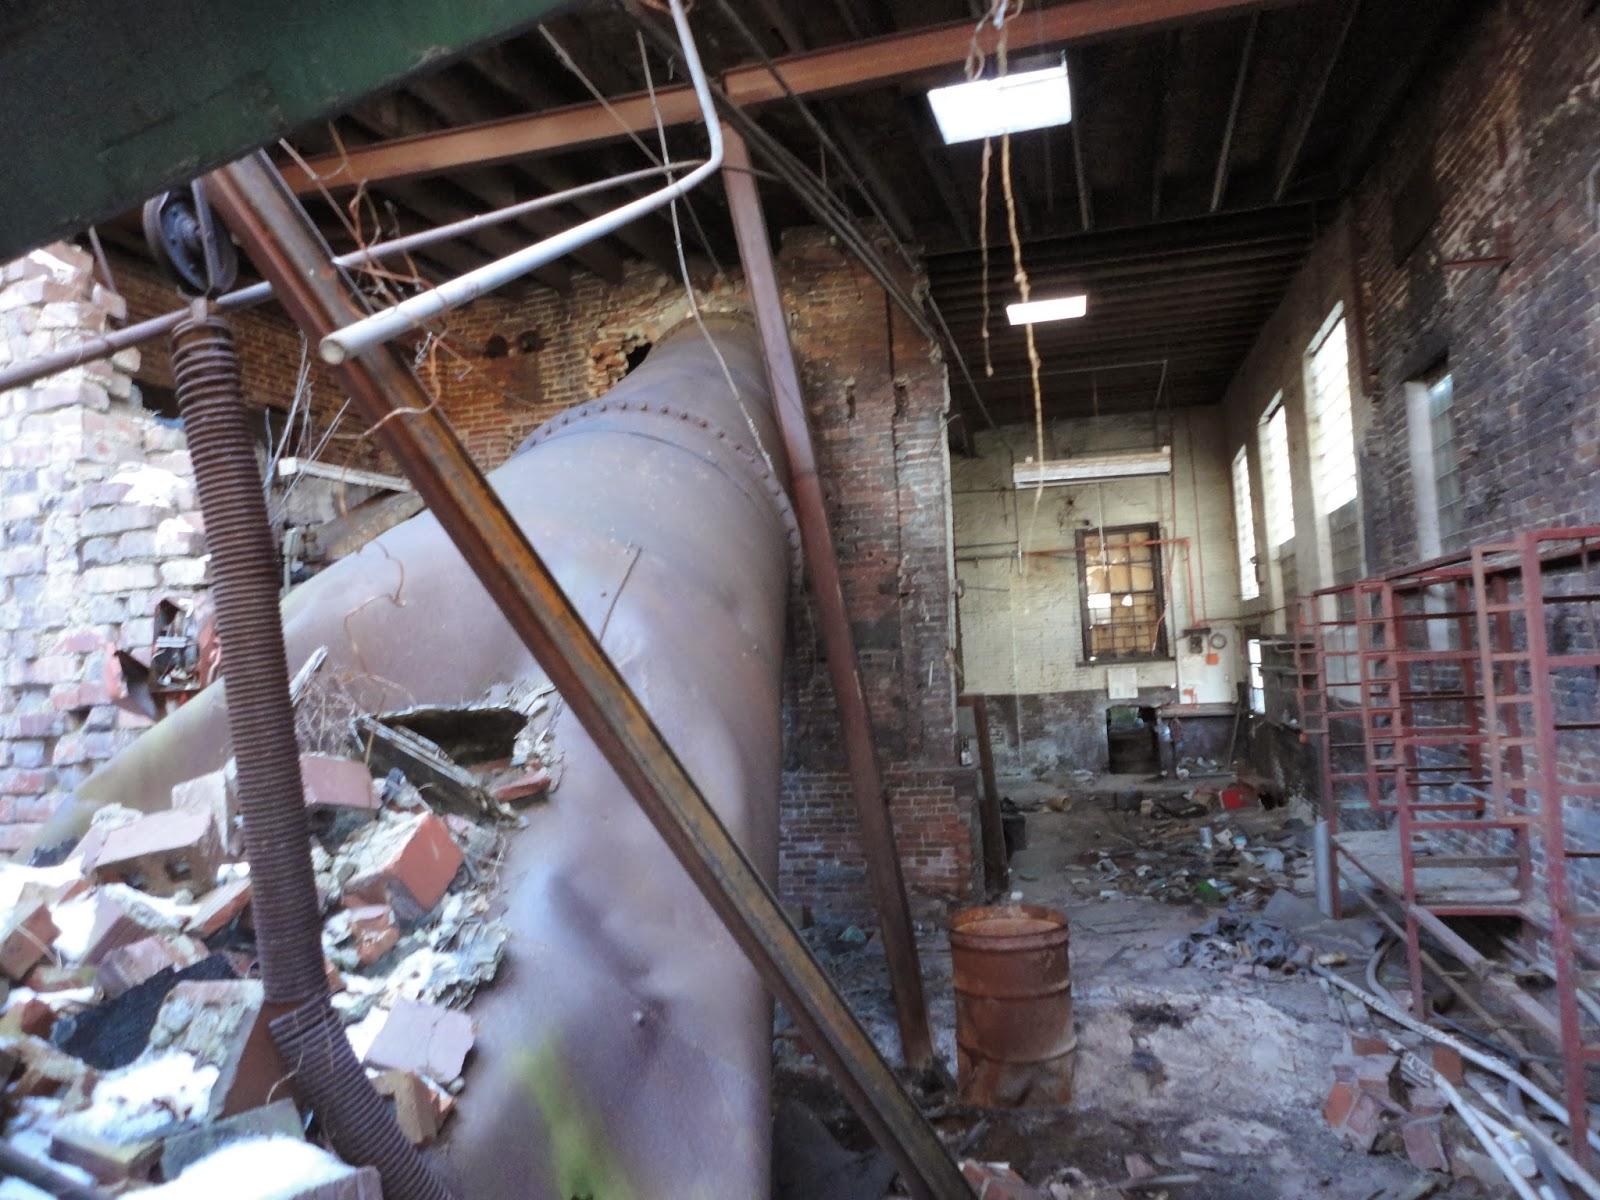 Jones Brewery - Demolition